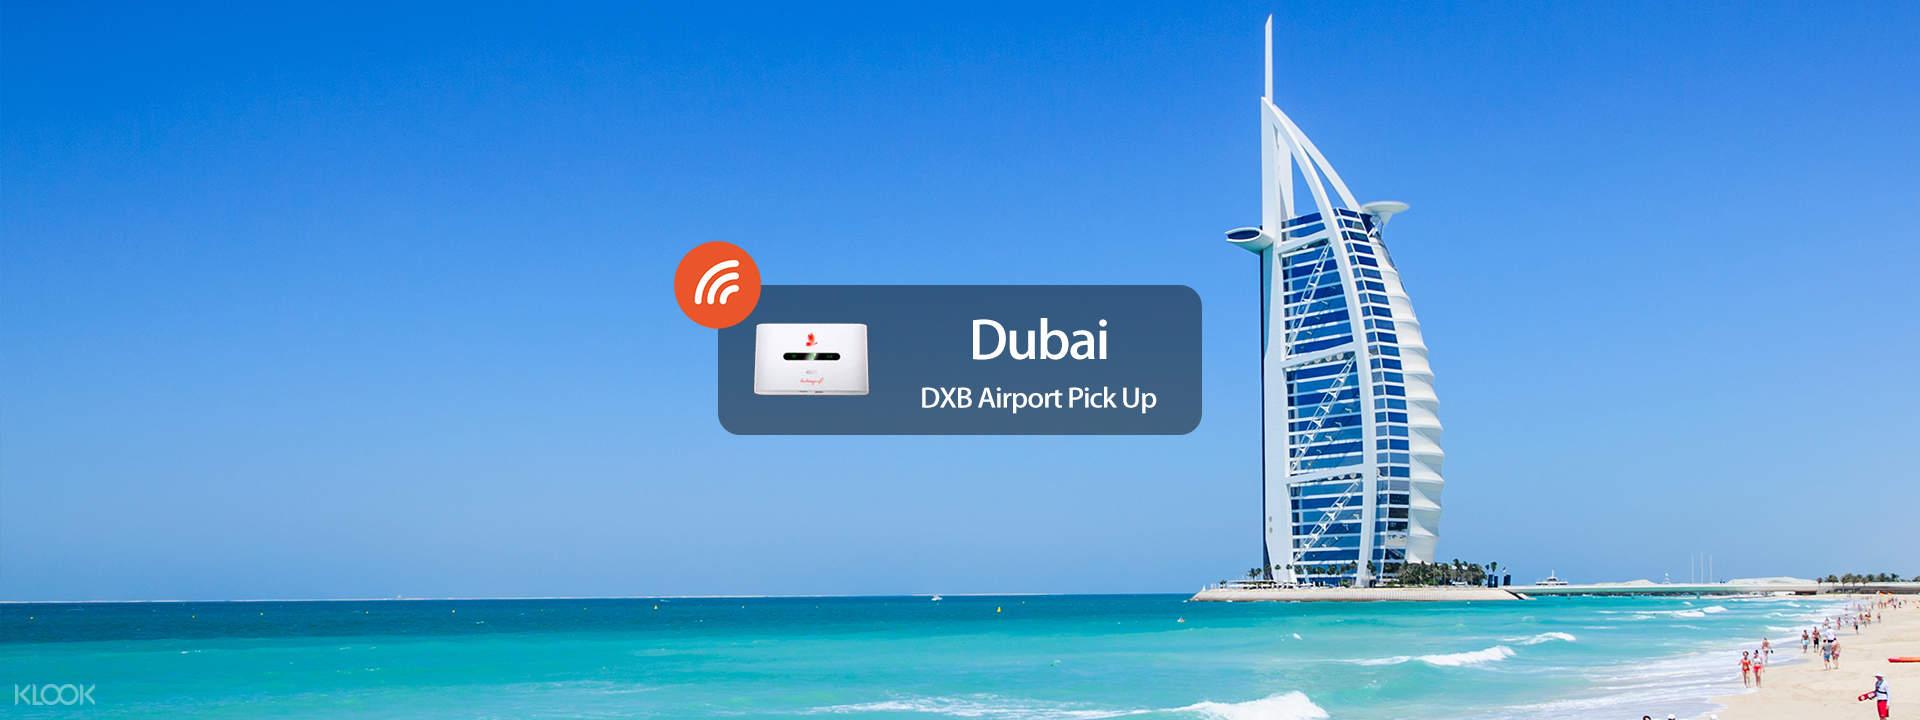 迪拜4G隨身WiFi